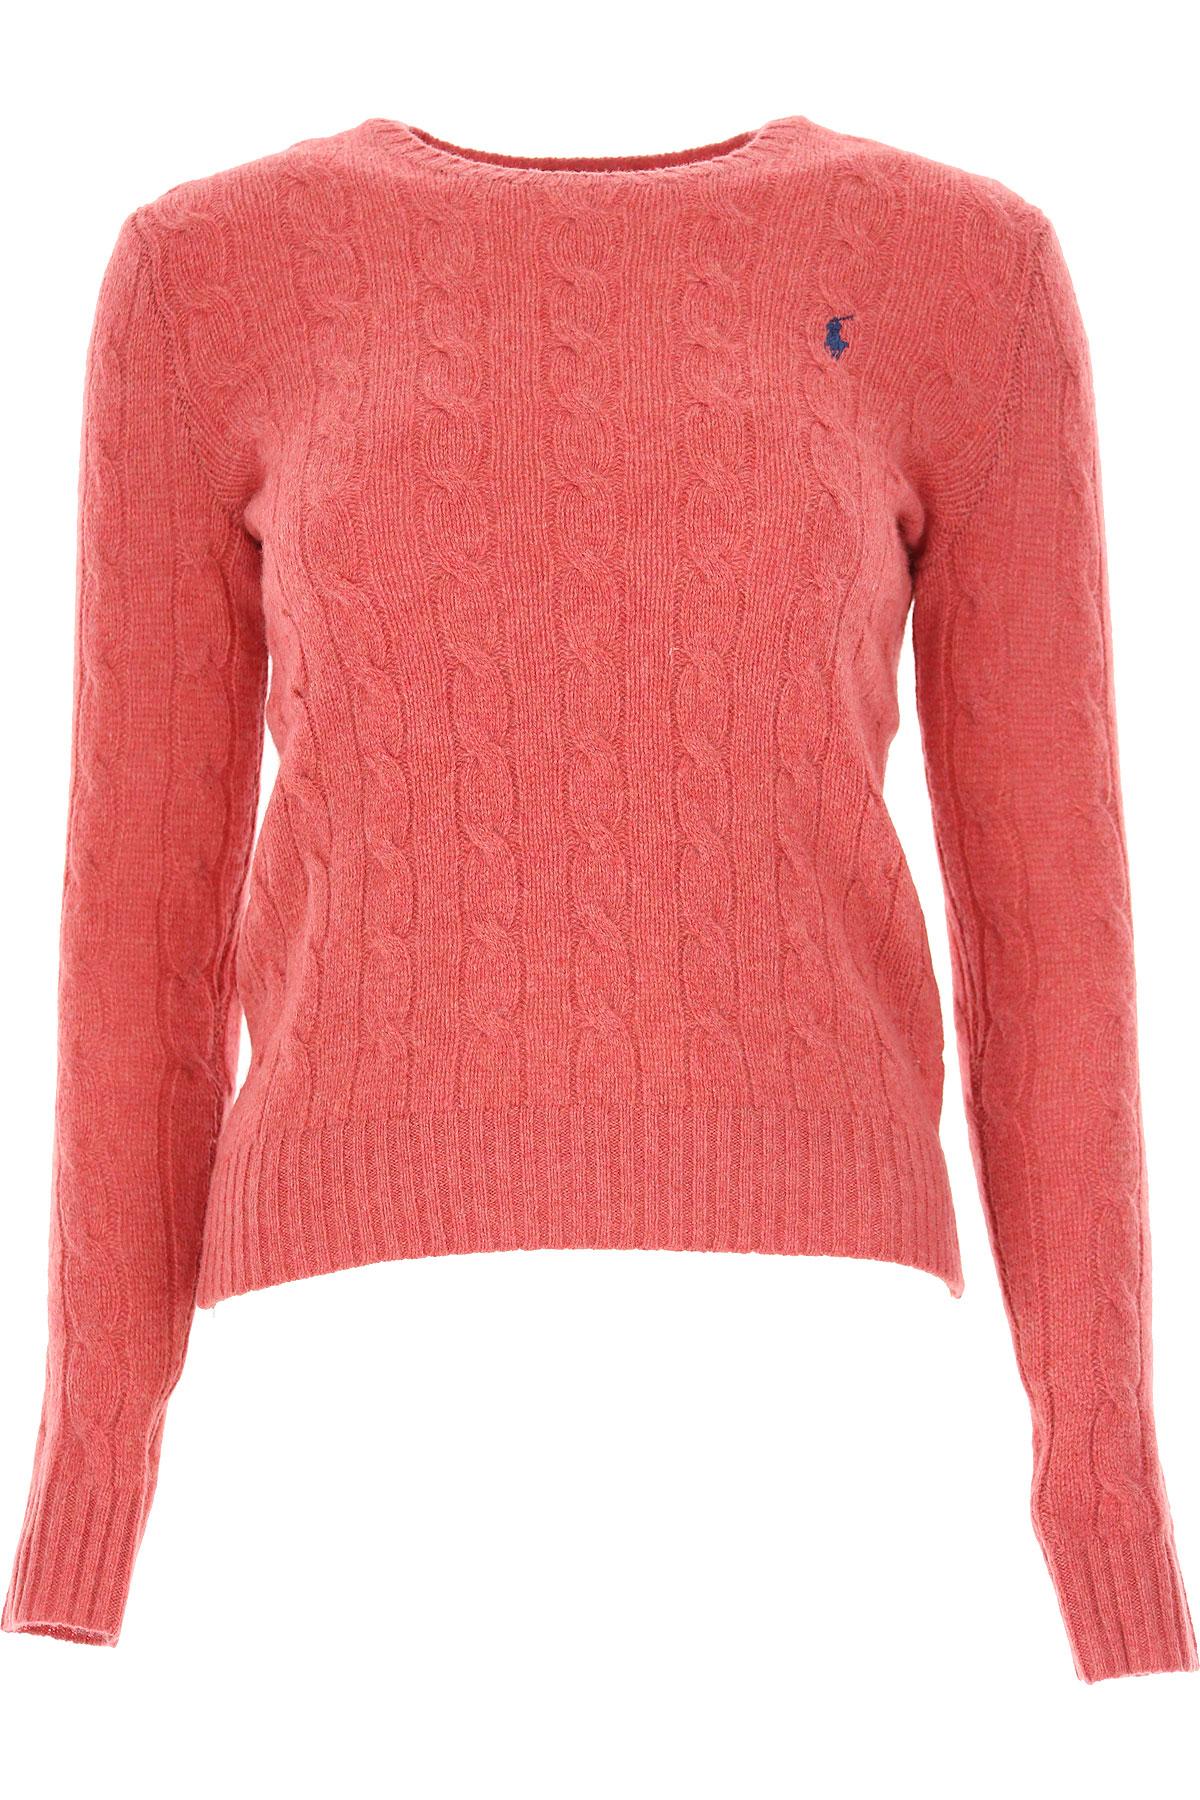 sports shoes f288c bb70b 32% Sale Ralph Lauren Pullover für Damen, Pulli Günstig im ...